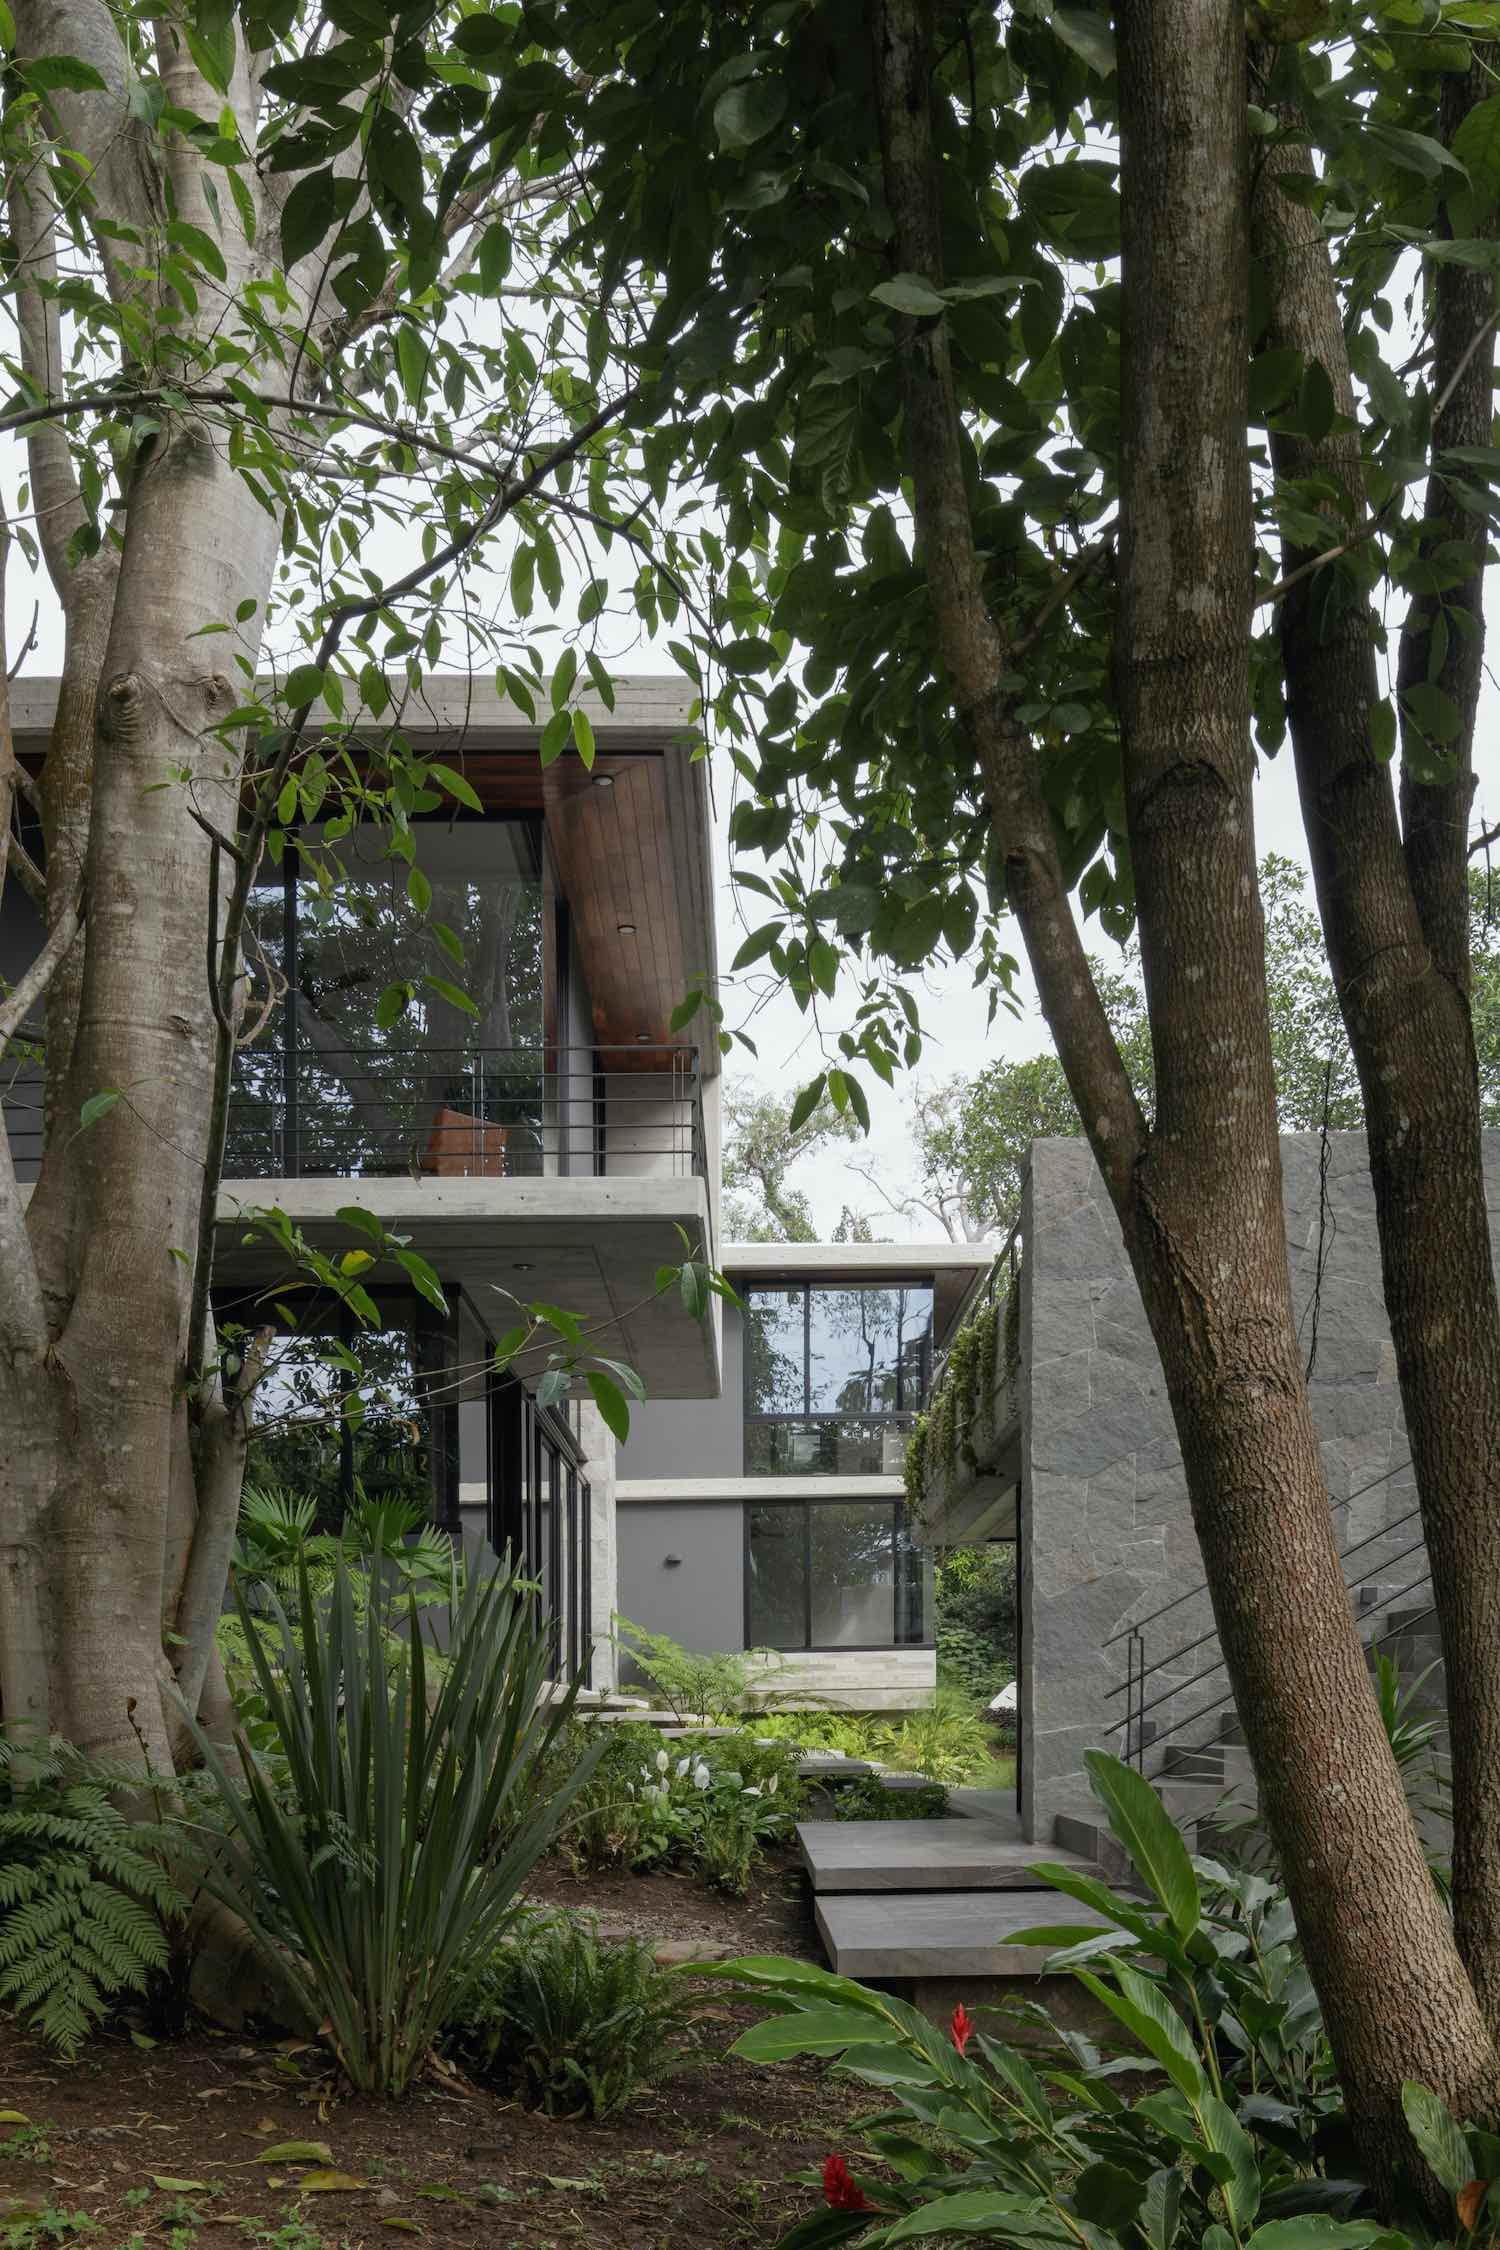 a concrete home located in the jungle